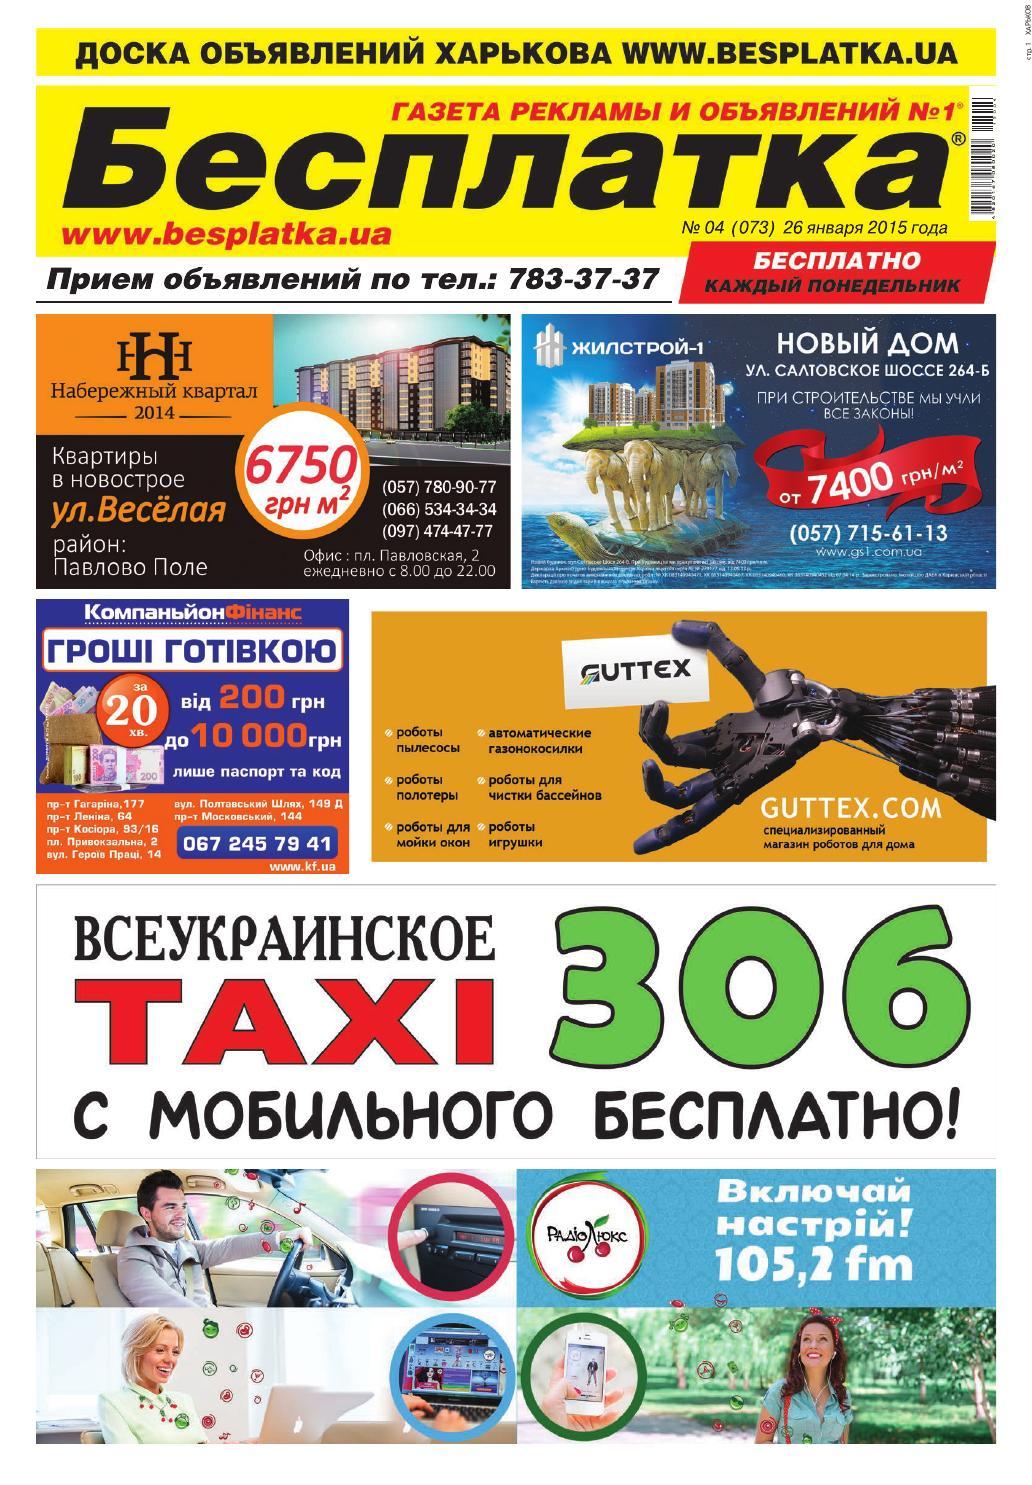 Besplatka kharkov 26 01 2015 by besplatka ukraine - issuu 4d765d2689ffe